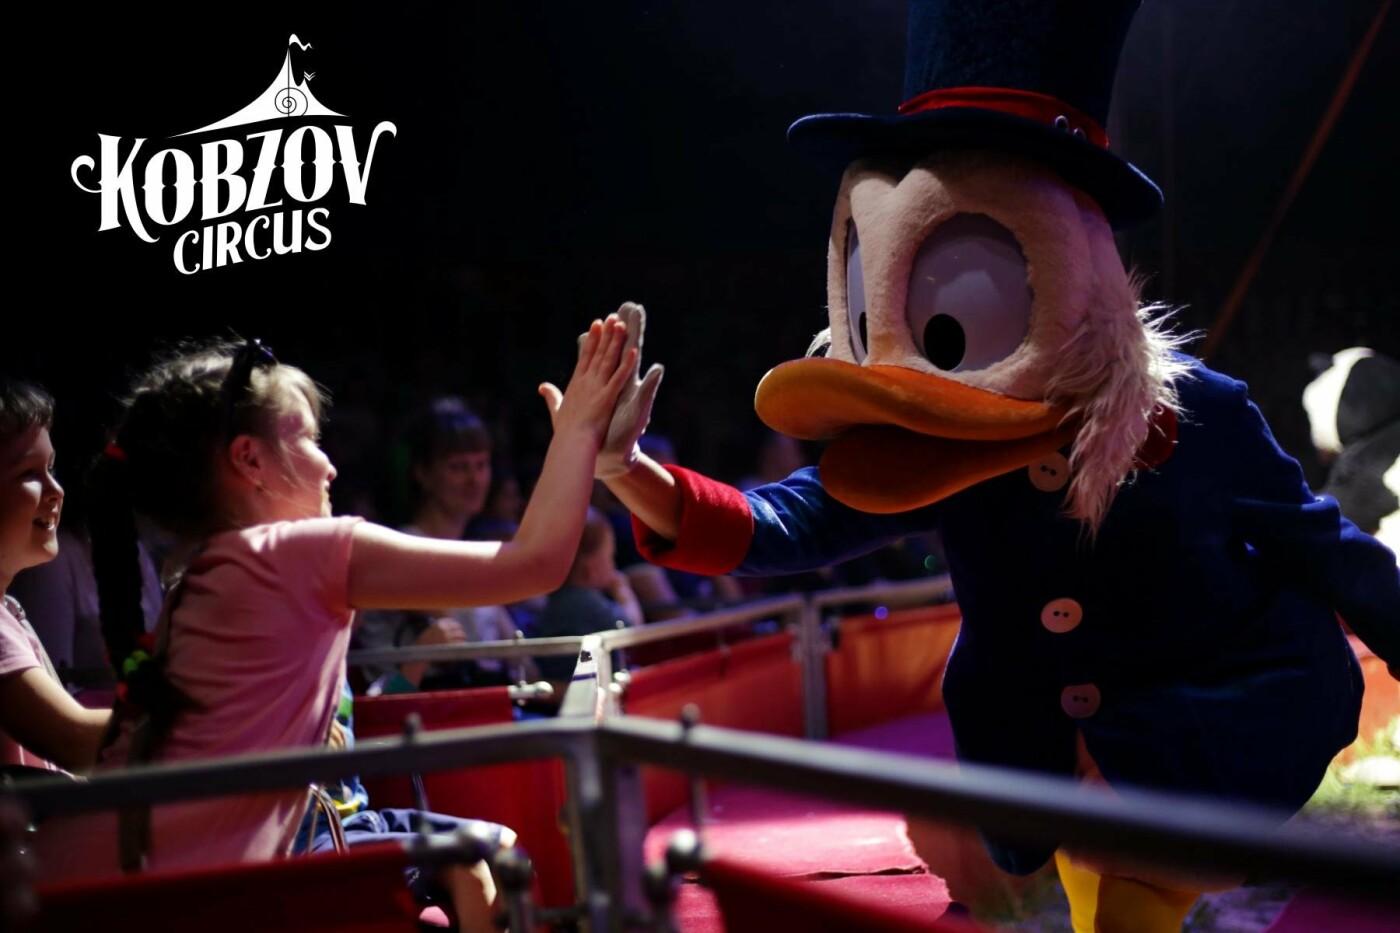 Найбільший цирк України – цирк «Кобзов», готовий дивувати, надихати і приносити радість!, фото-3